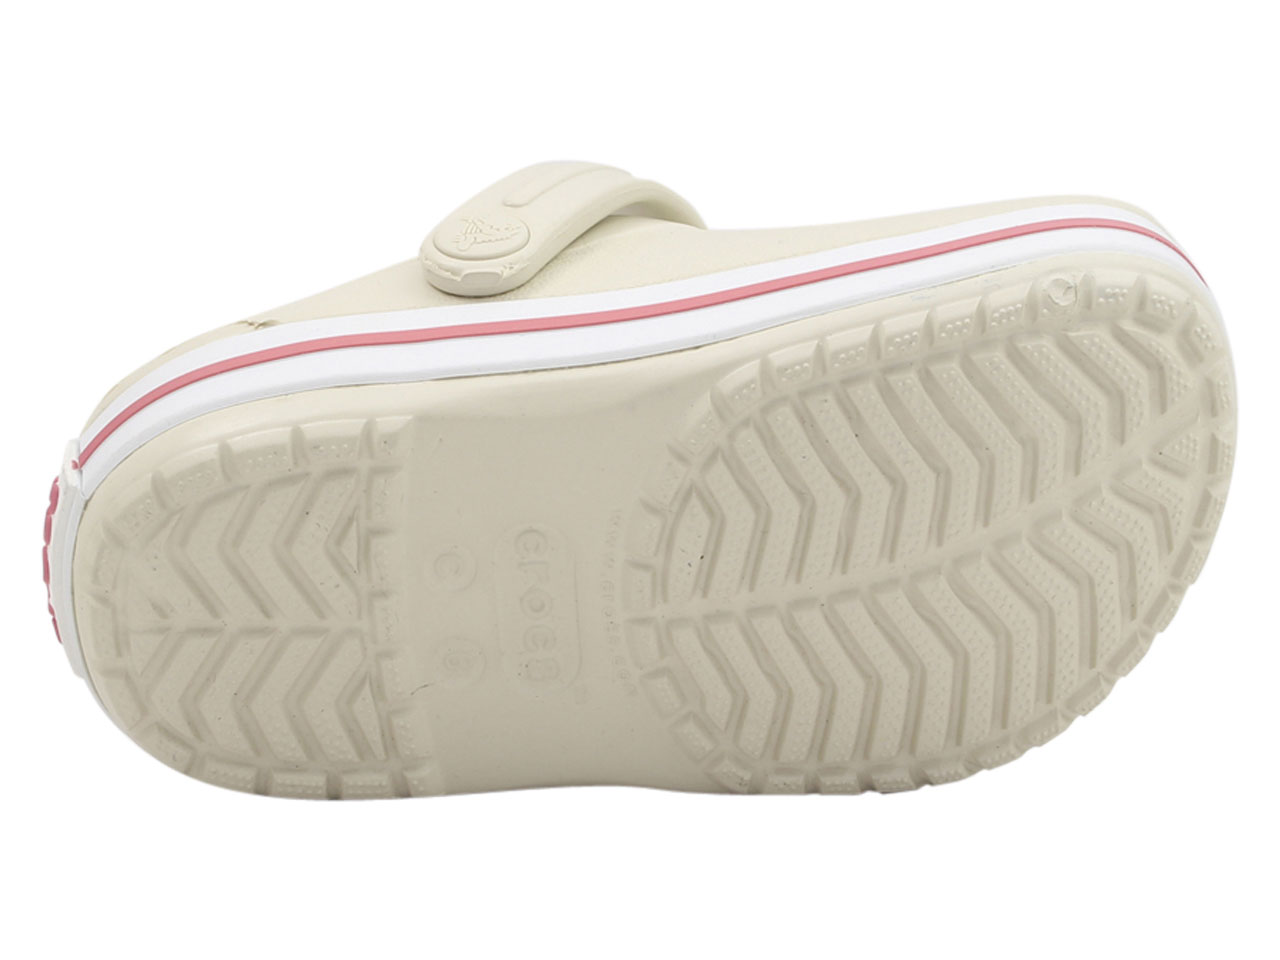 Crocs-Little-Kid-039-s-Crocband-Clogs-Sandals-Shoes thumbnail 28